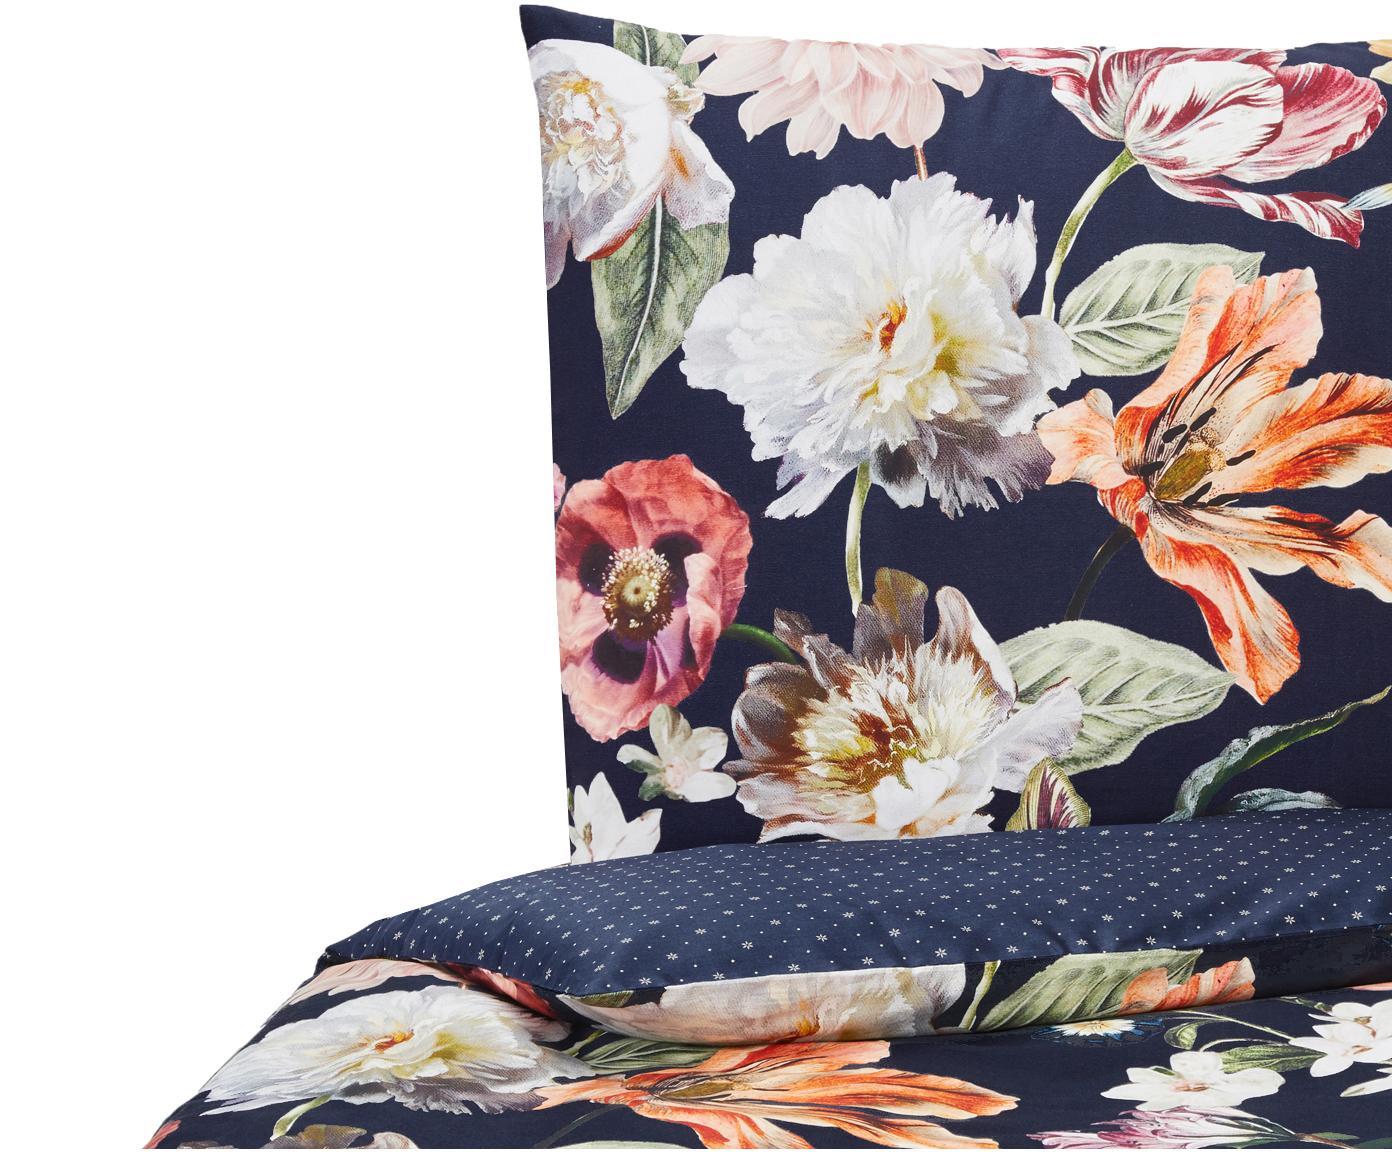 Baumwollsatin-Wendebettwäsche Filou mit Blumen-Muster, Webart: Satin Fadendichte 209 TC,, Dunkelblau, Mehrfarbig, 135 x 200 cm + 1 Kissen 80 x 80 cm